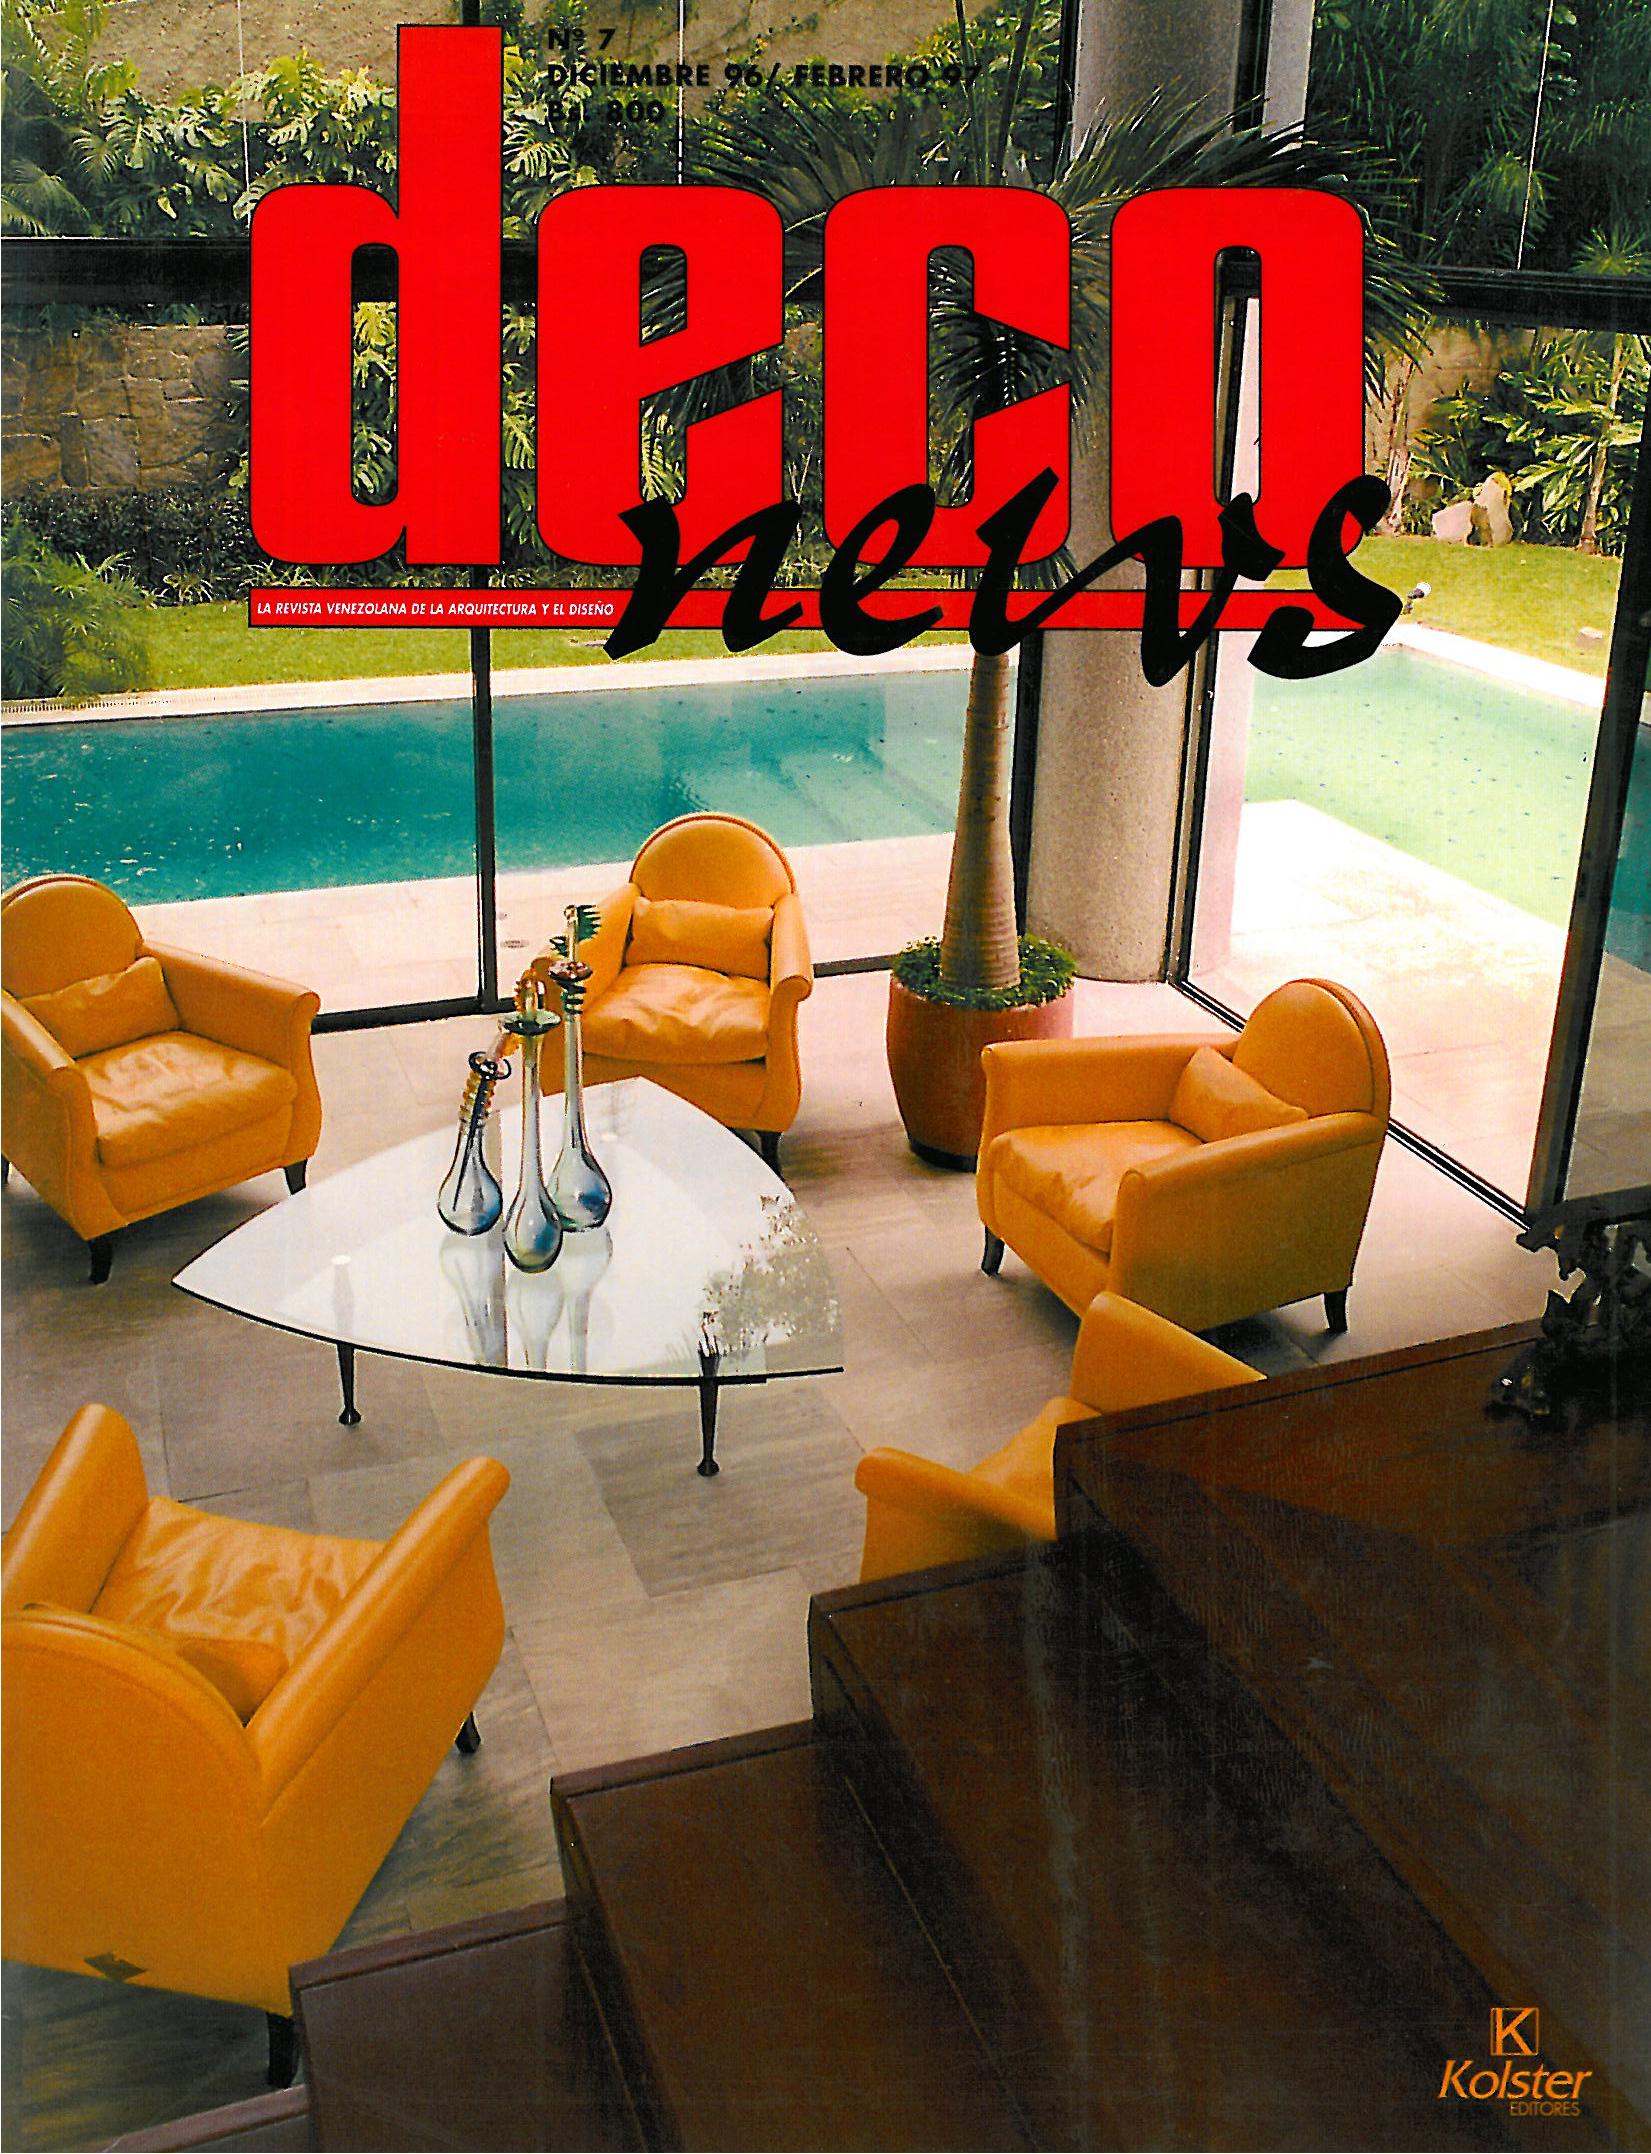 2000 XII Bienal de Quito   Pre-selected project, Interior Architecture  Apto PB Res. El Parque, Caracas